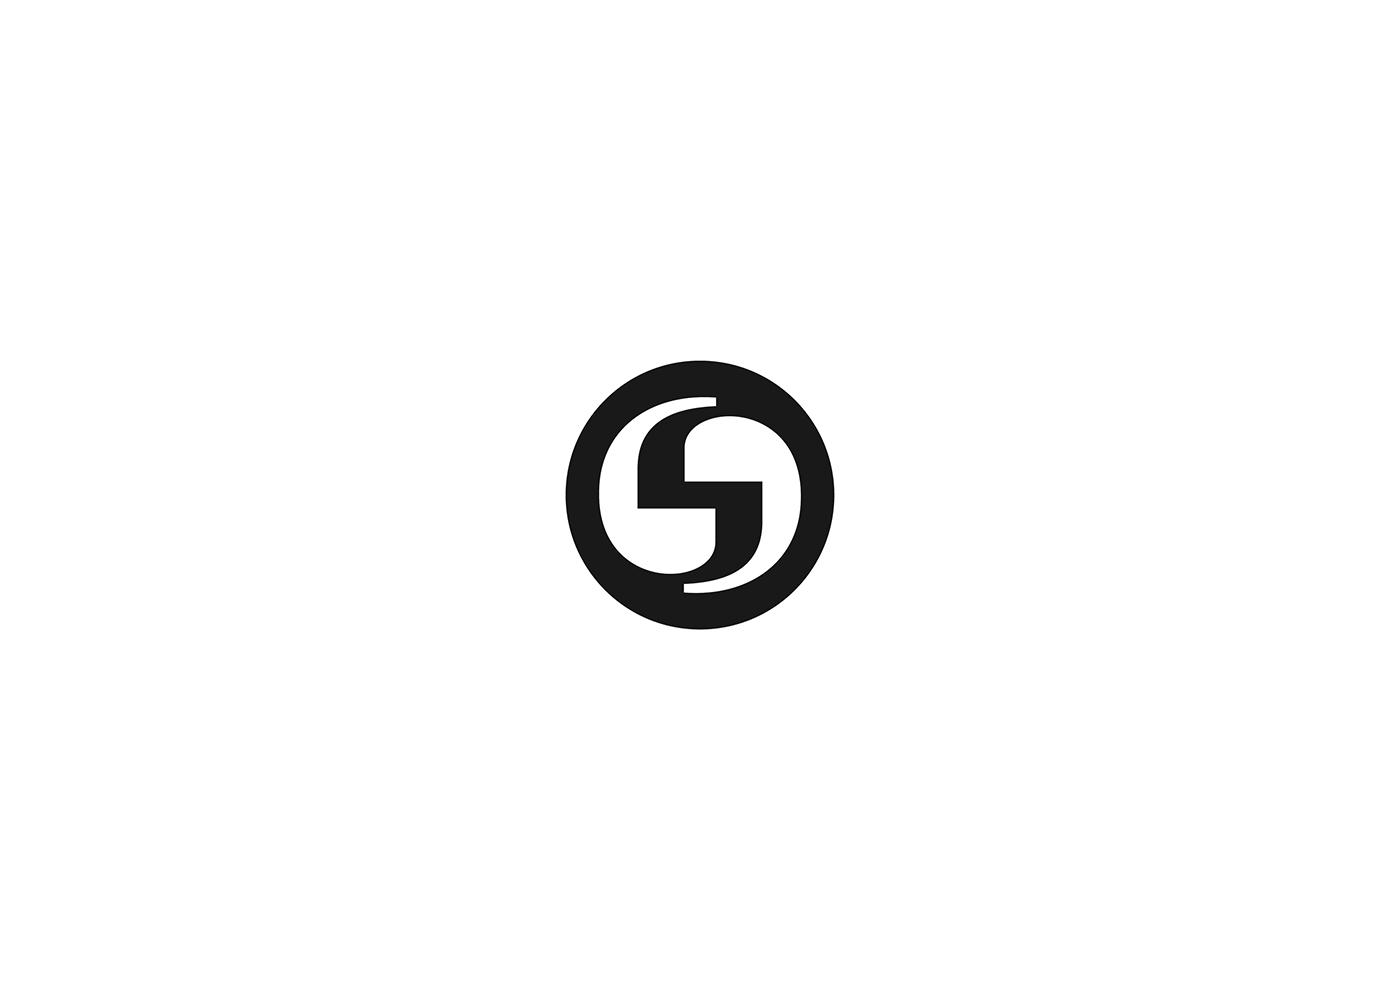 Conservative Upmarket Logo Design For Sum Mer By I Design Design